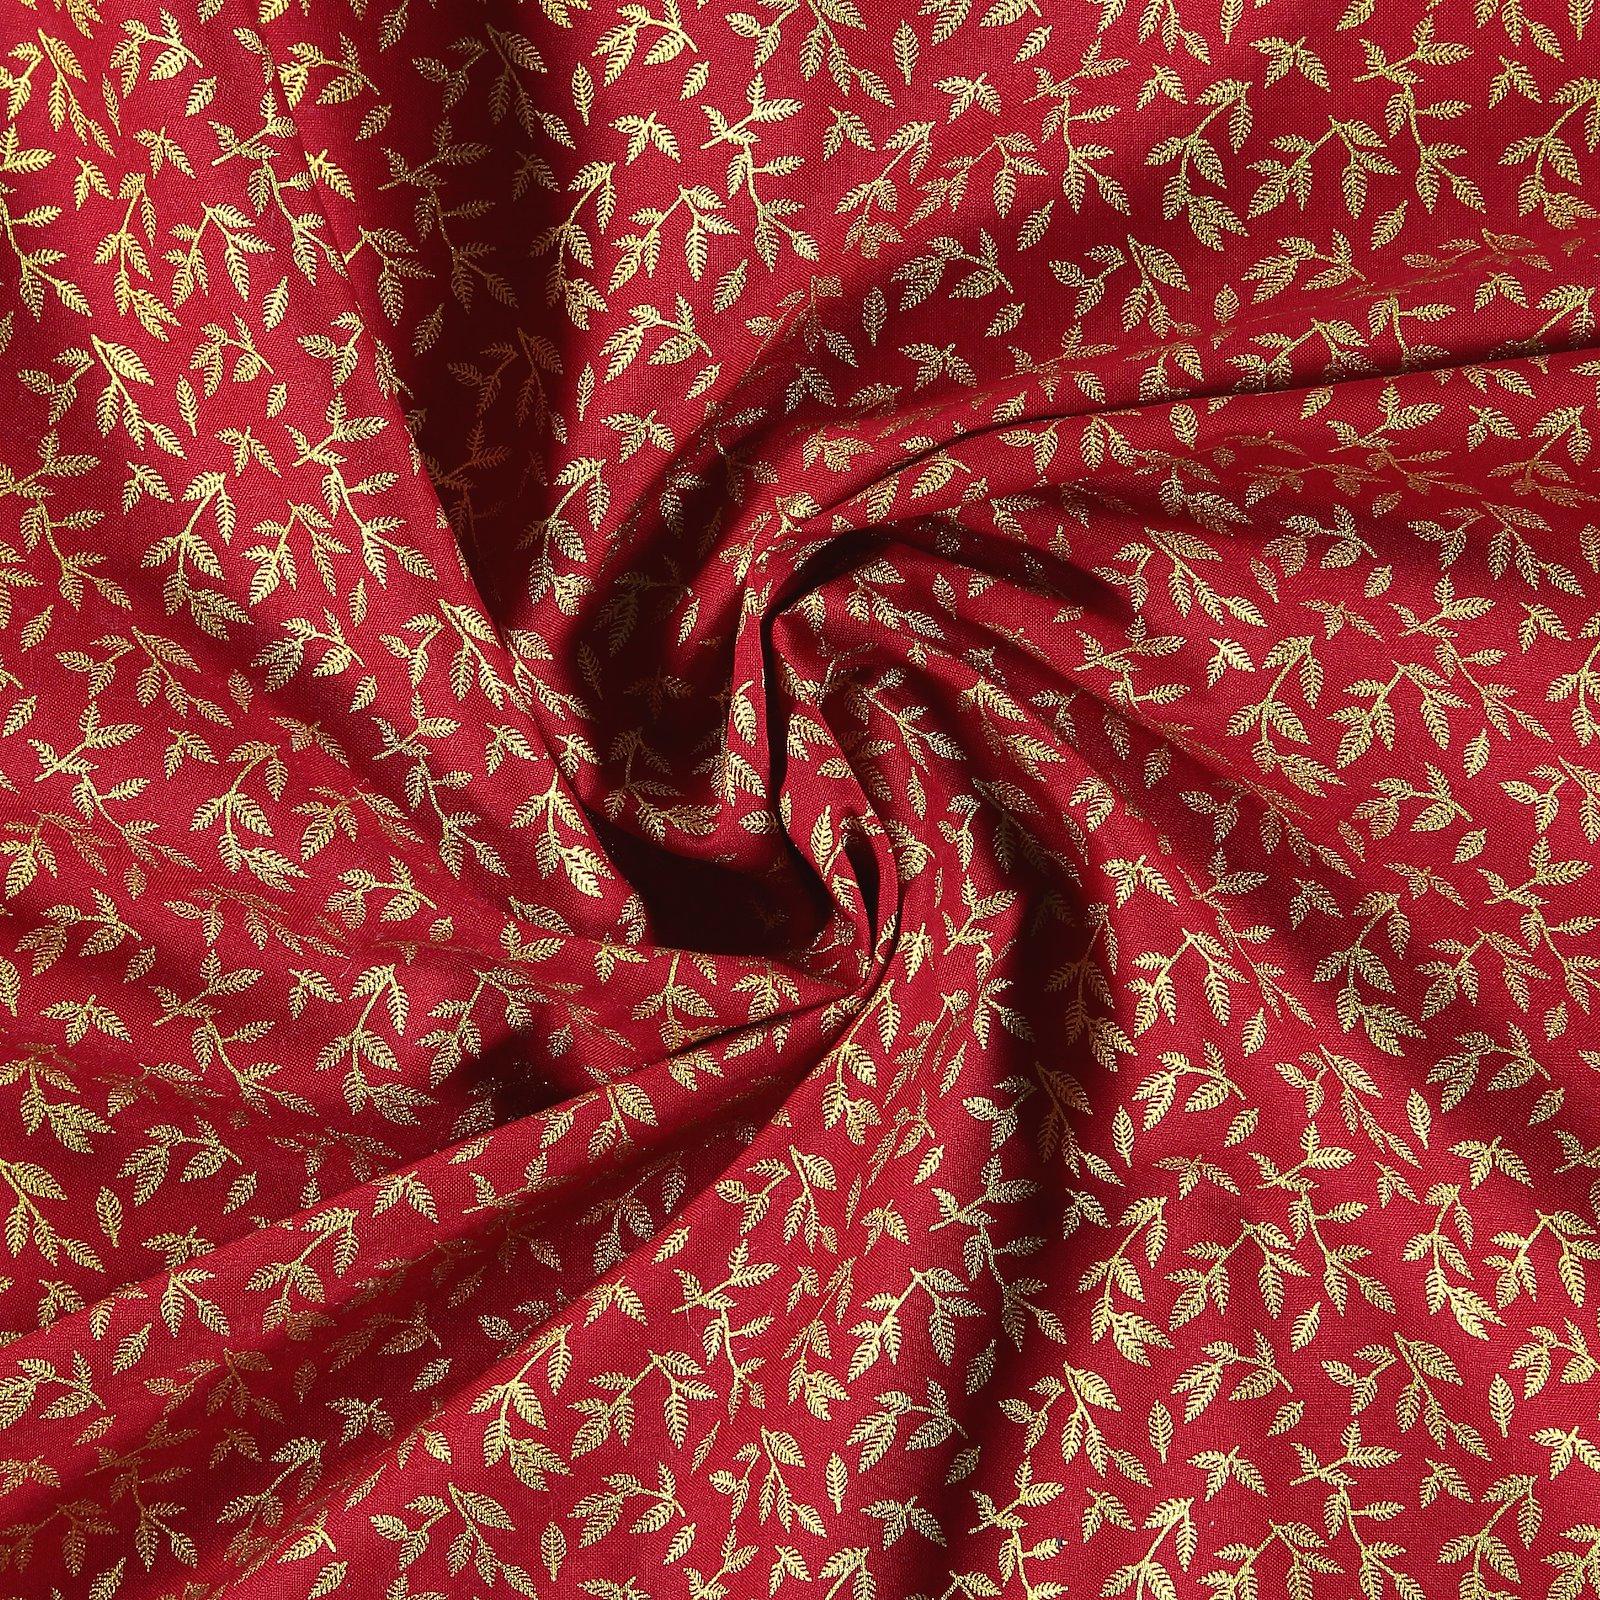 Baumwolle, Rot mit goldenen Blättern 852325_pack